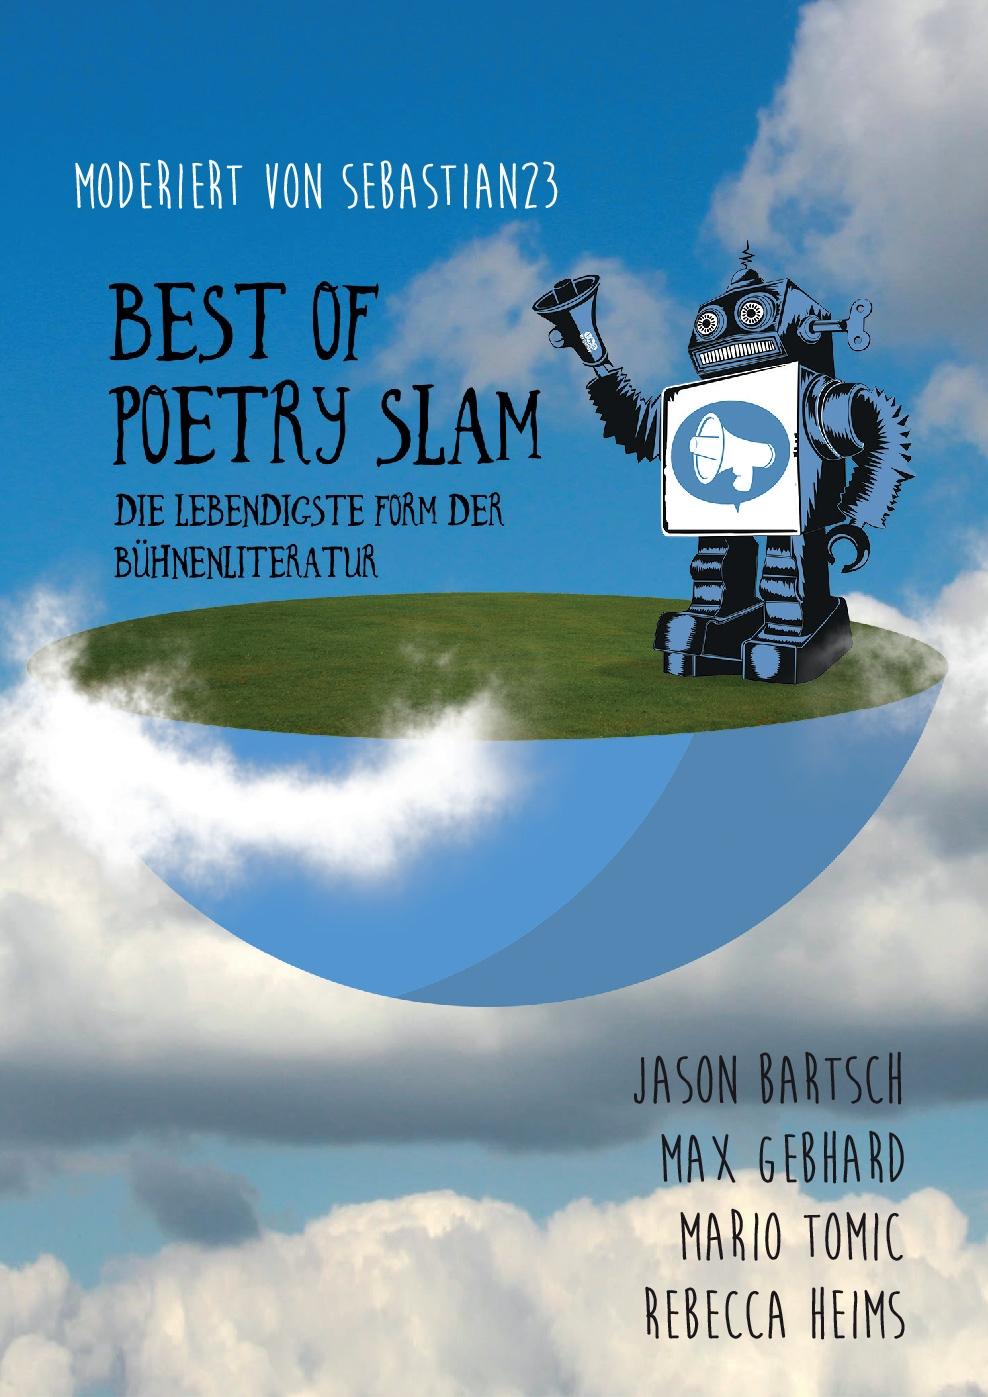 Best of Poetry Slam (Teil 3) (Poster)